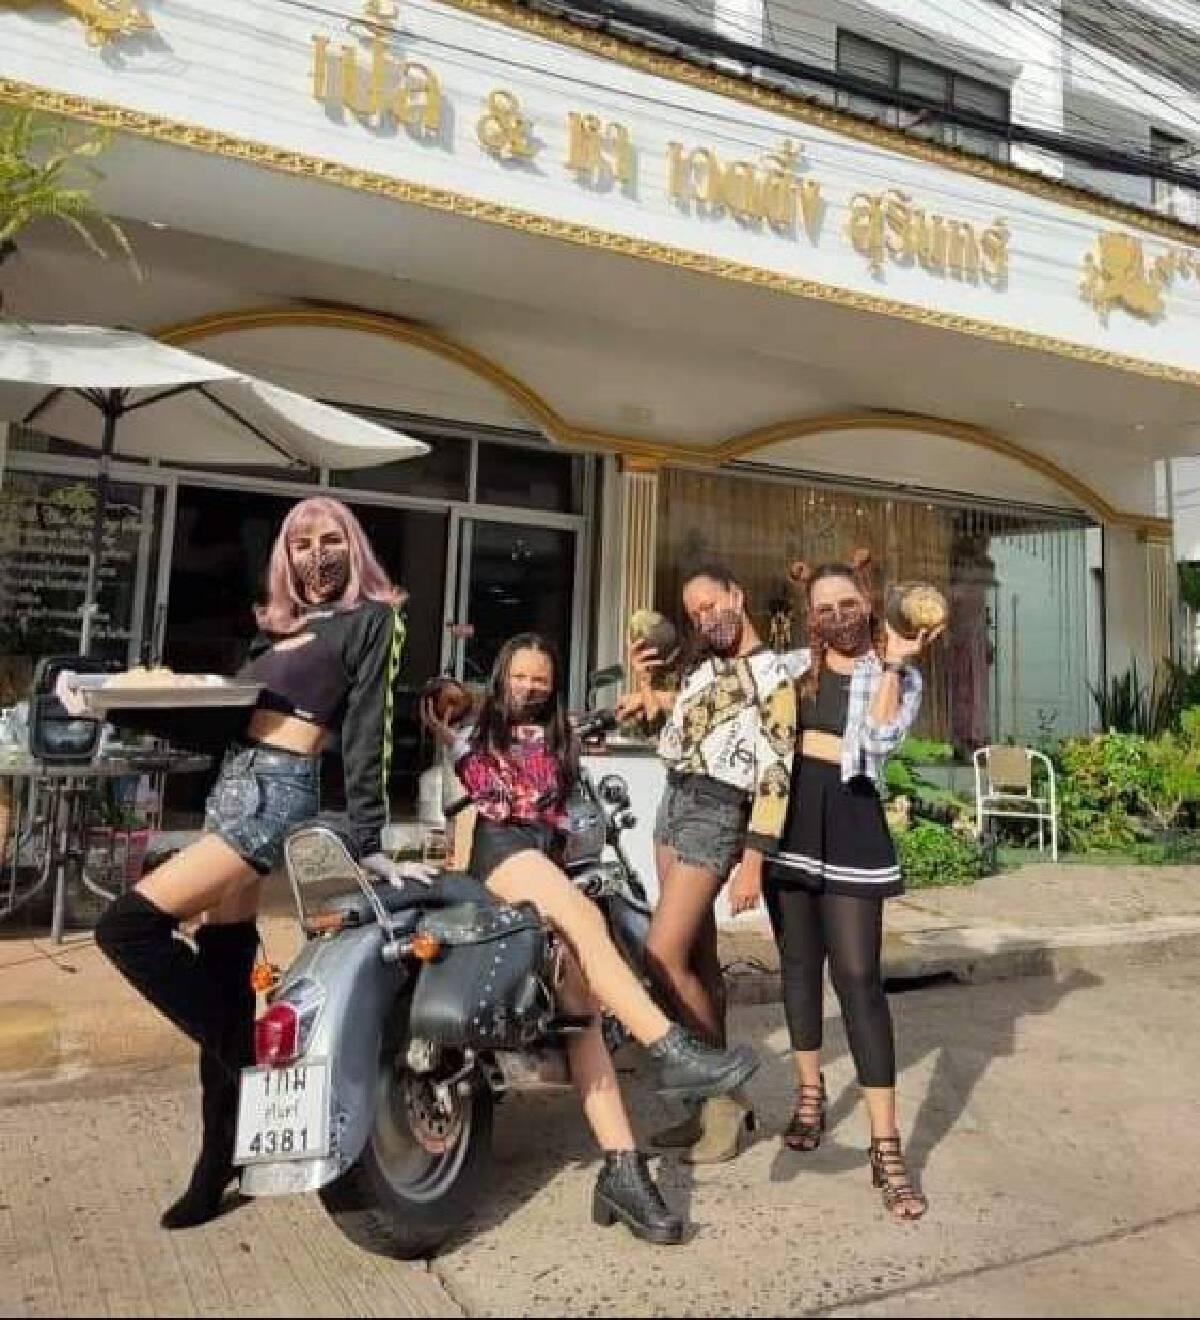 ปรับตัวสู้โควิด แต่งชุดไทยรำไทยไลฟ์สดขายขนมไทยพื้นบ้าน